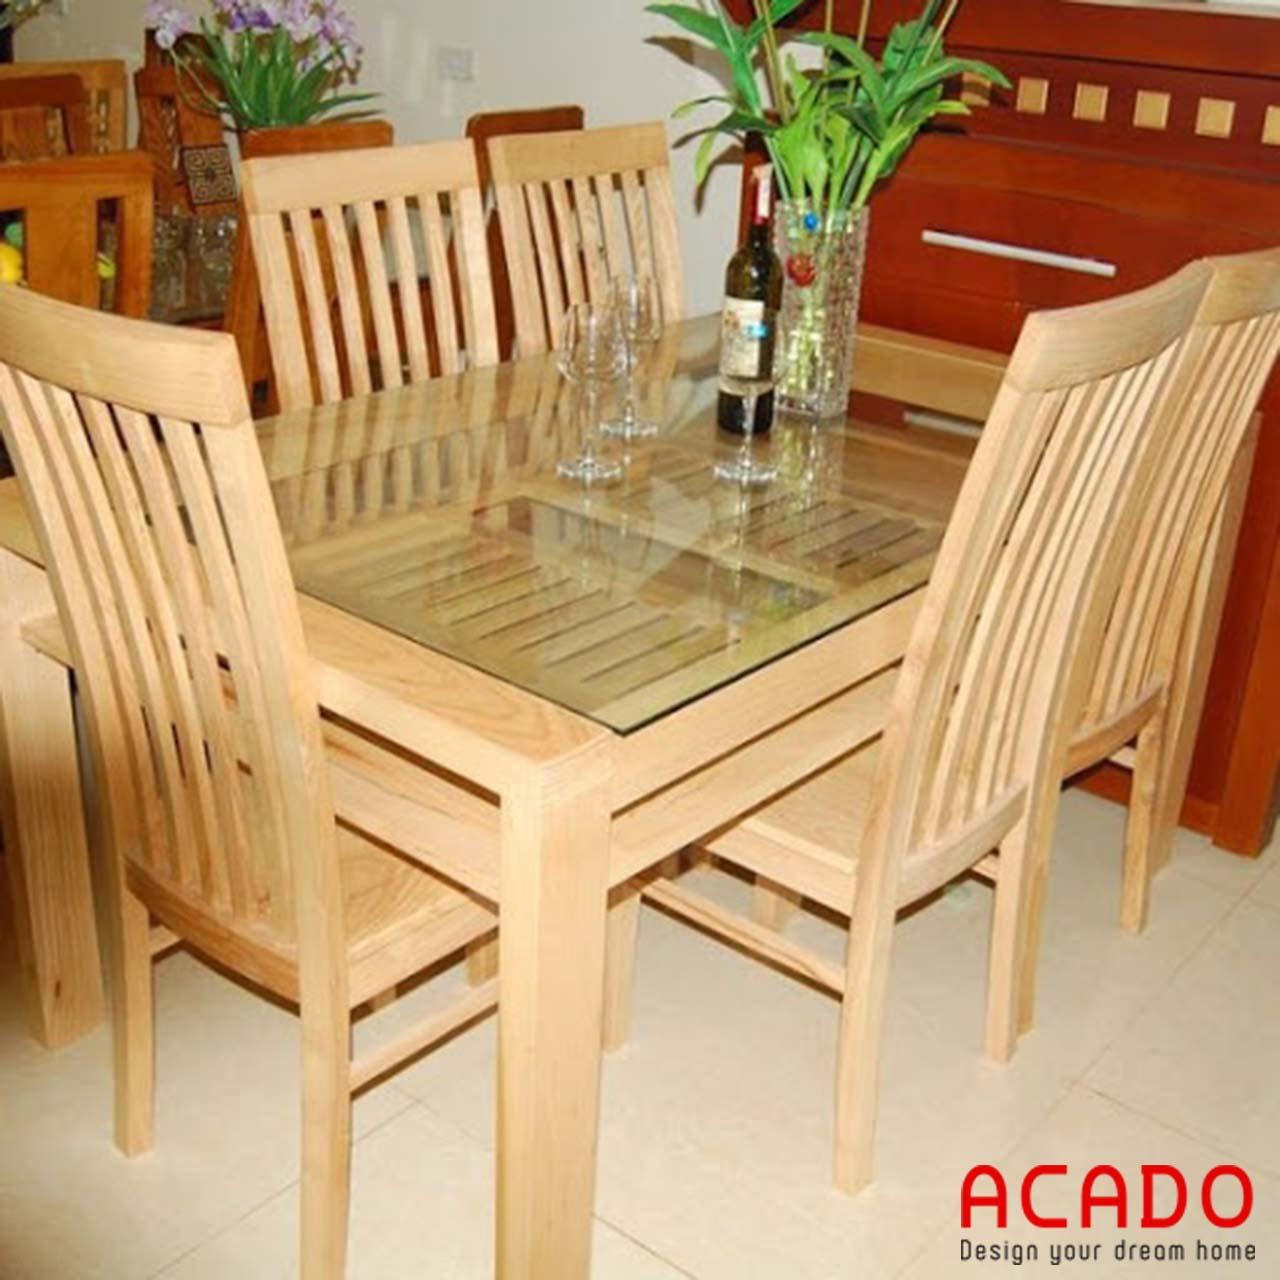 Bàn ăn gỗ sồi nga màu vàng nhạt trẻ trung - nội thất Acado